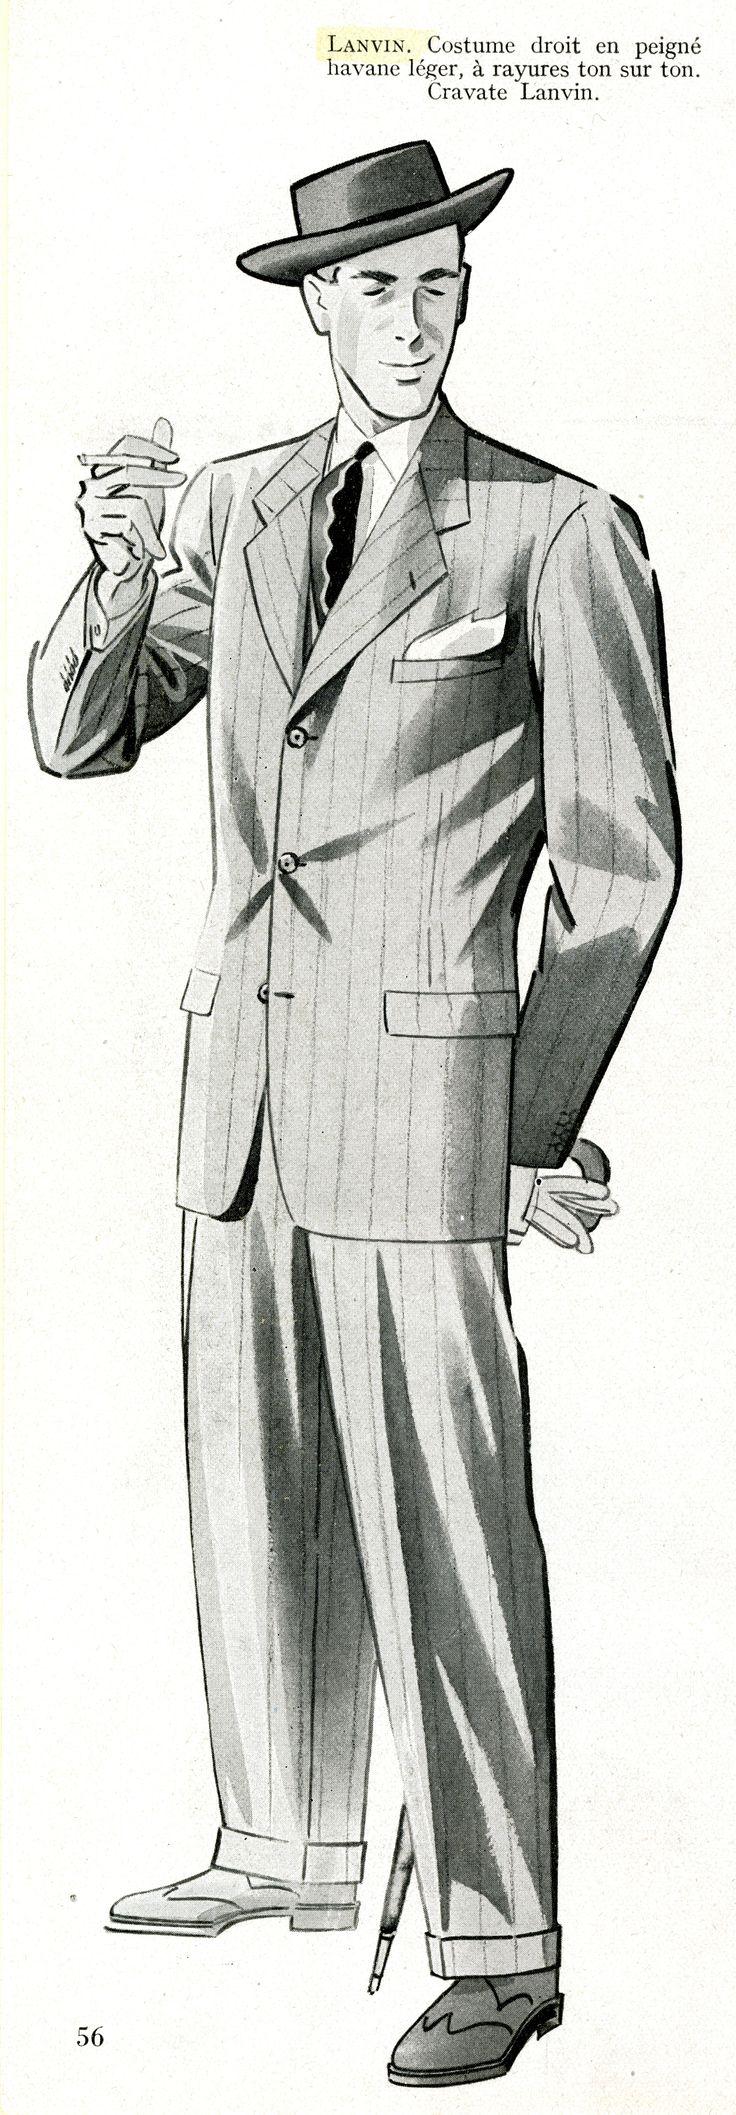 Costume droit en peigné havane à rayures ton sur ton et cravate Lanvin, 1948 © Patrimoine Lanvin. #Lanvin125